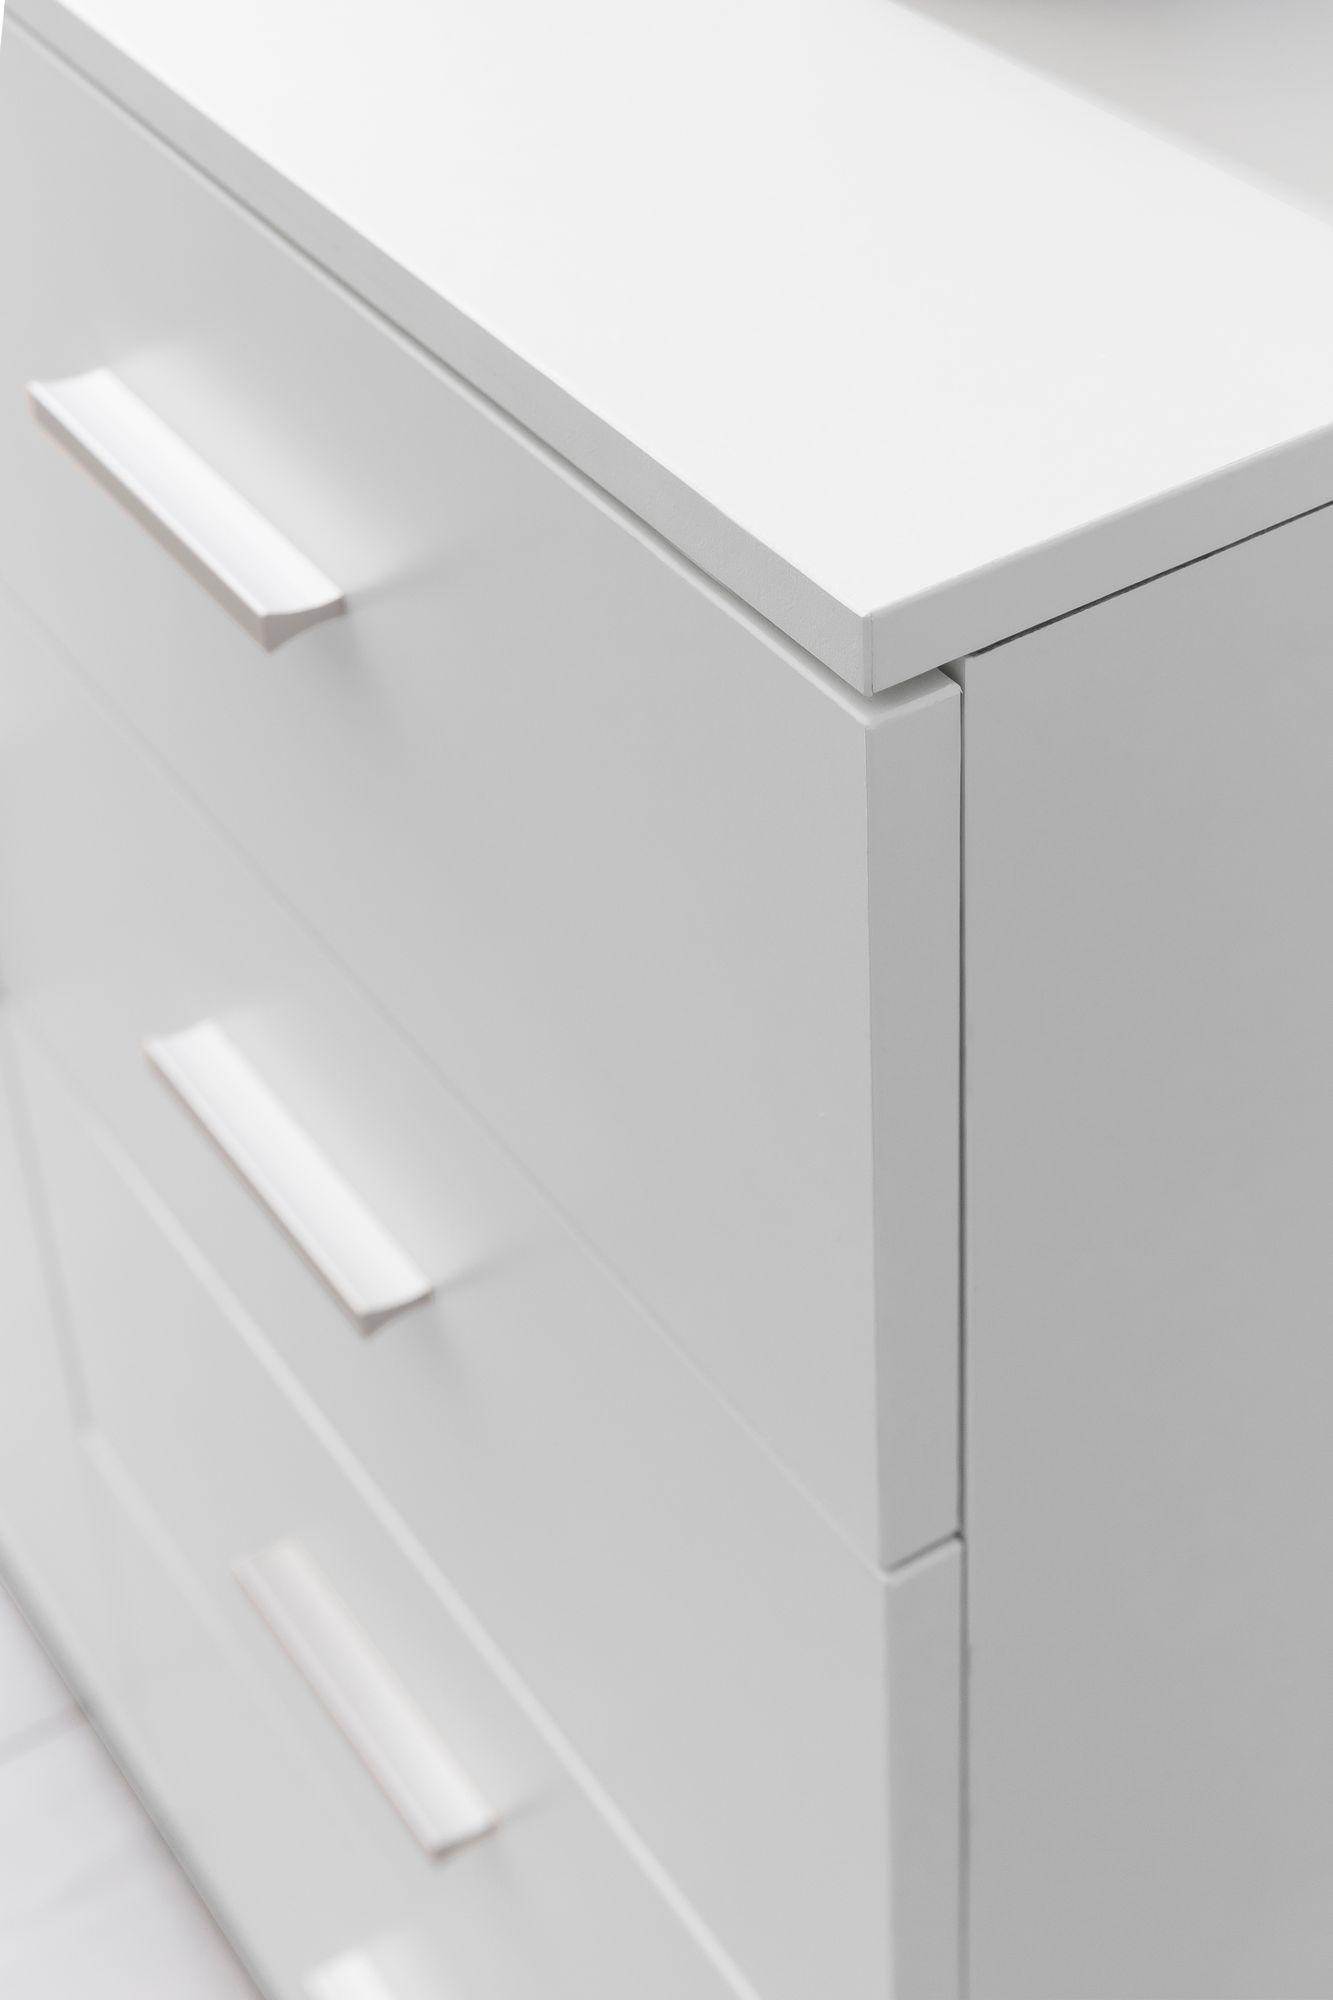 Full Size of Sideboard Weiß Schmal Finebuy Fb52335 Wei Hochglanz 41x108x30 Cm Anrichte Esstisch Oval Bett 90x200 Mit Schubladen 140x200 Bad Kommode Weißer 160x200 Wohnzimmer Sideboard Weiß Schmal